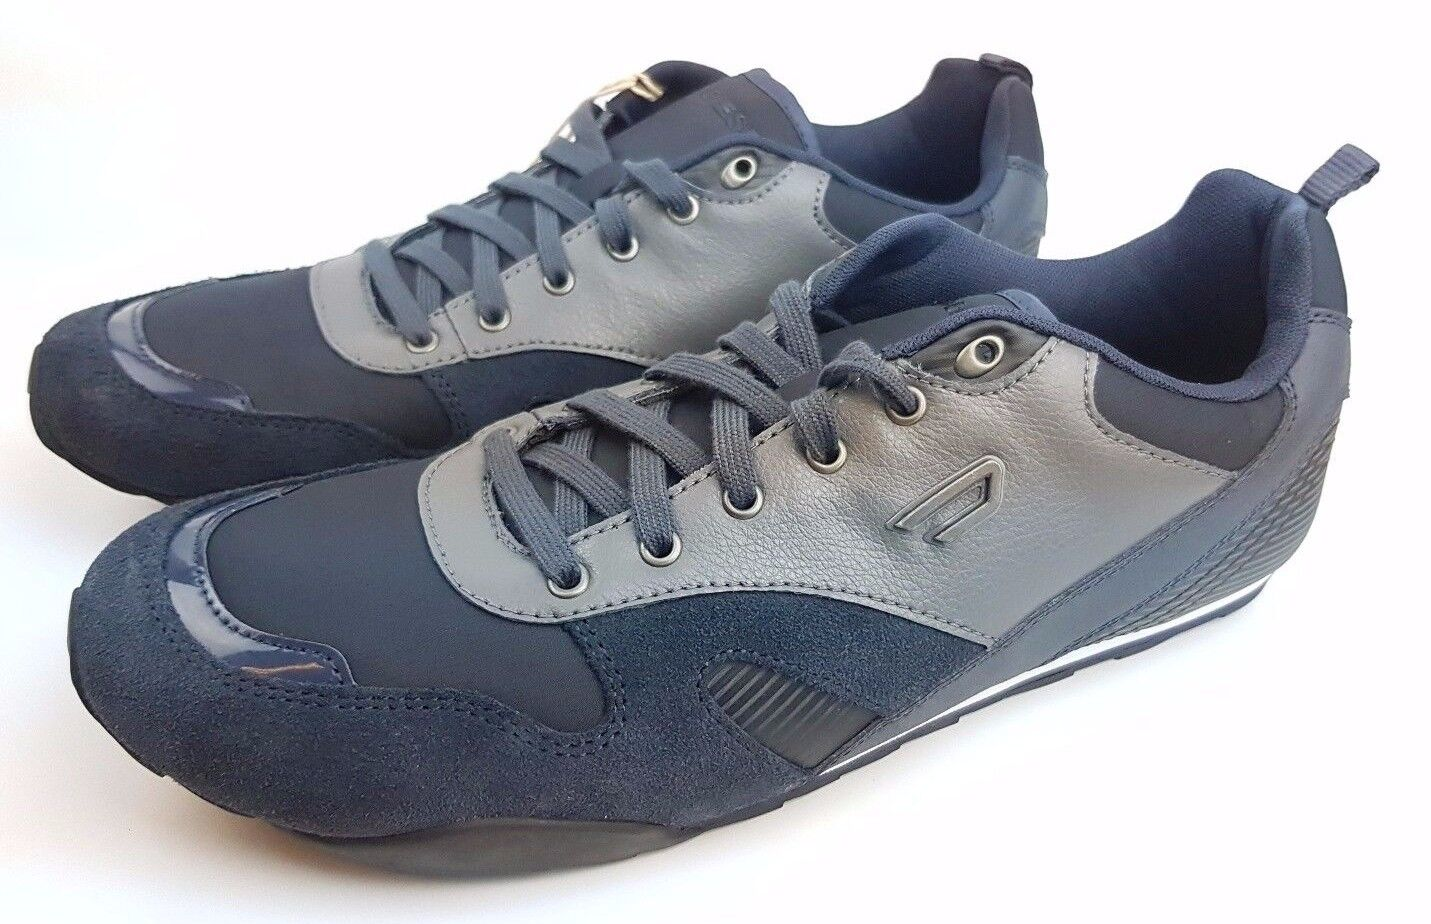 Diesel cortos e-dynagg zapatos caballero zapatillas Men zapatos talla 46 y01167 nuevo z1-02